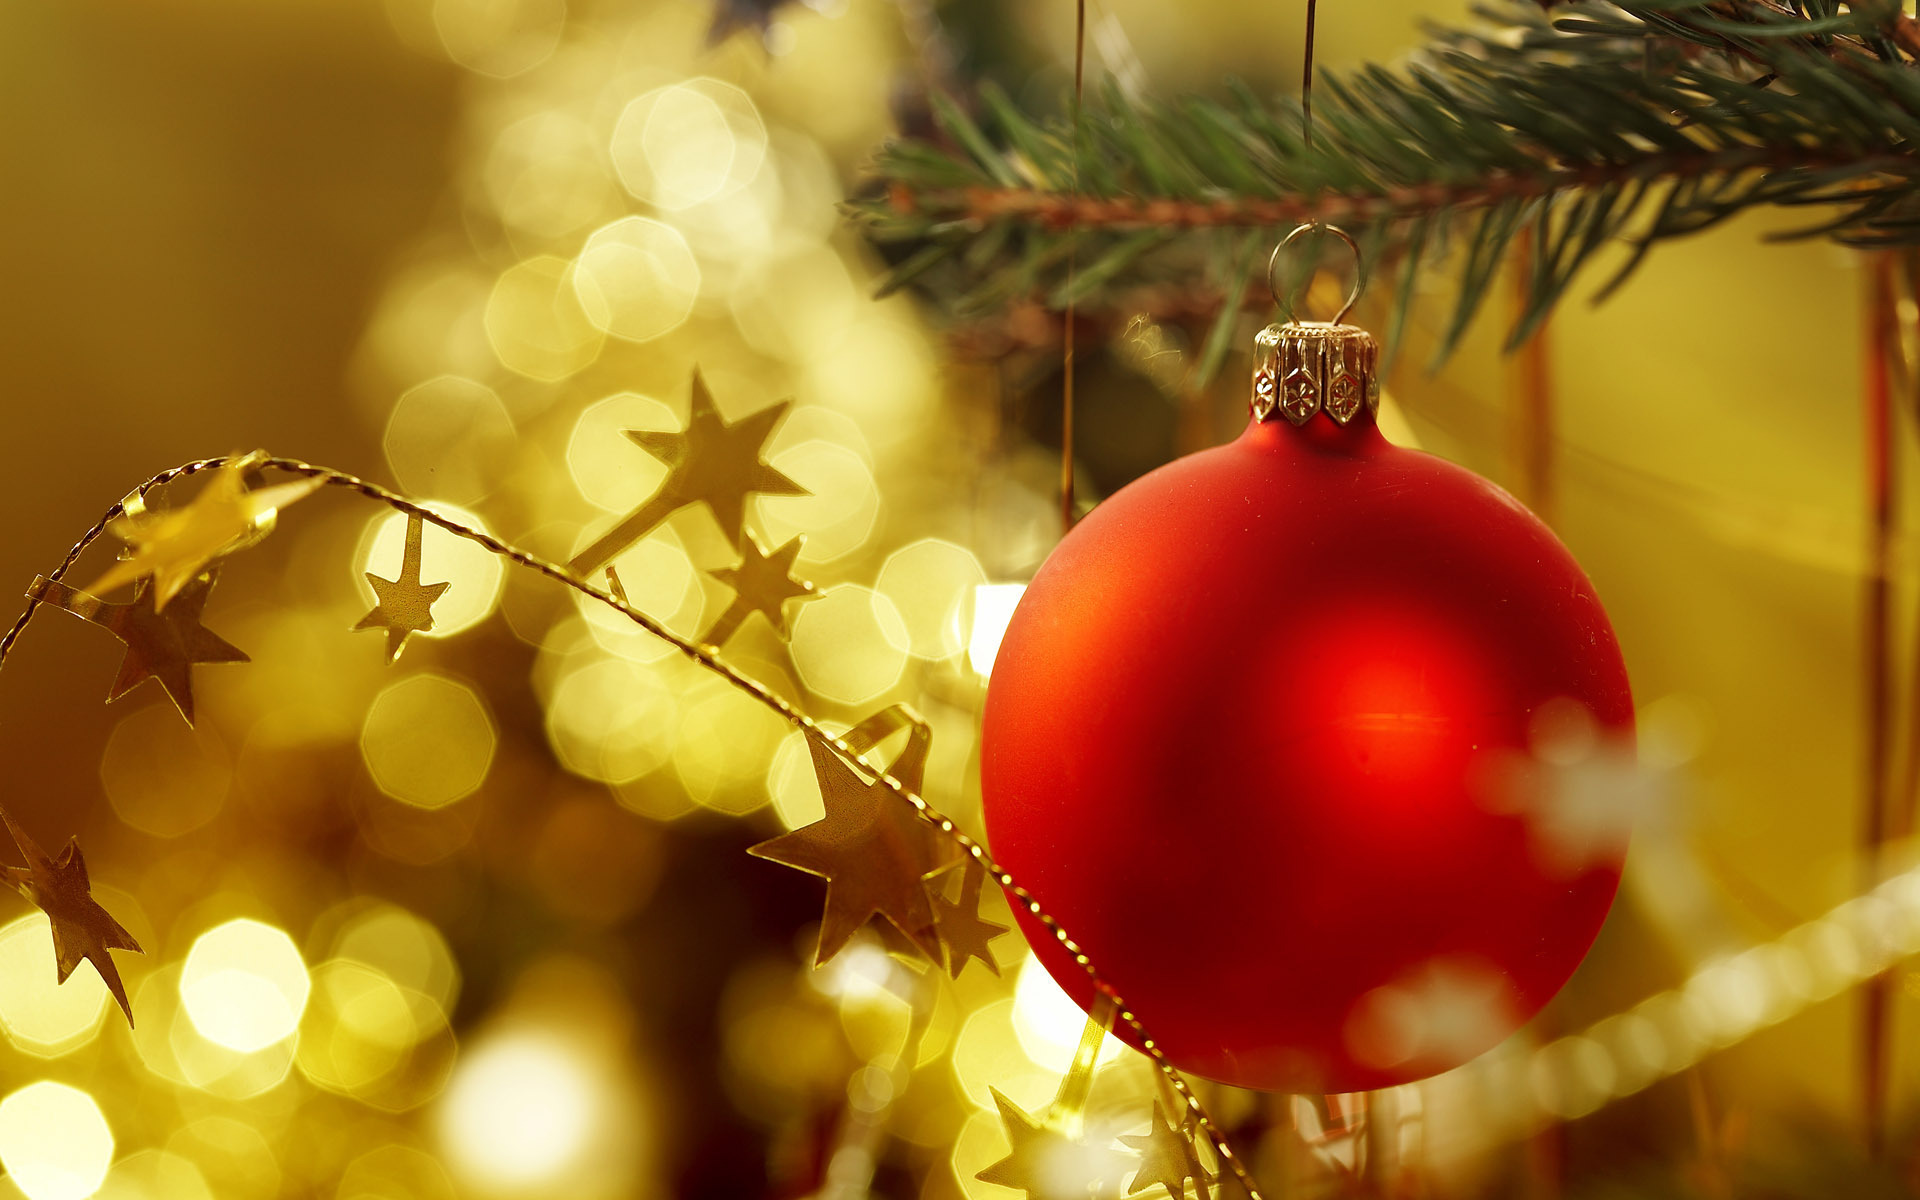 Морем, новогодние открытки с шарами на елке